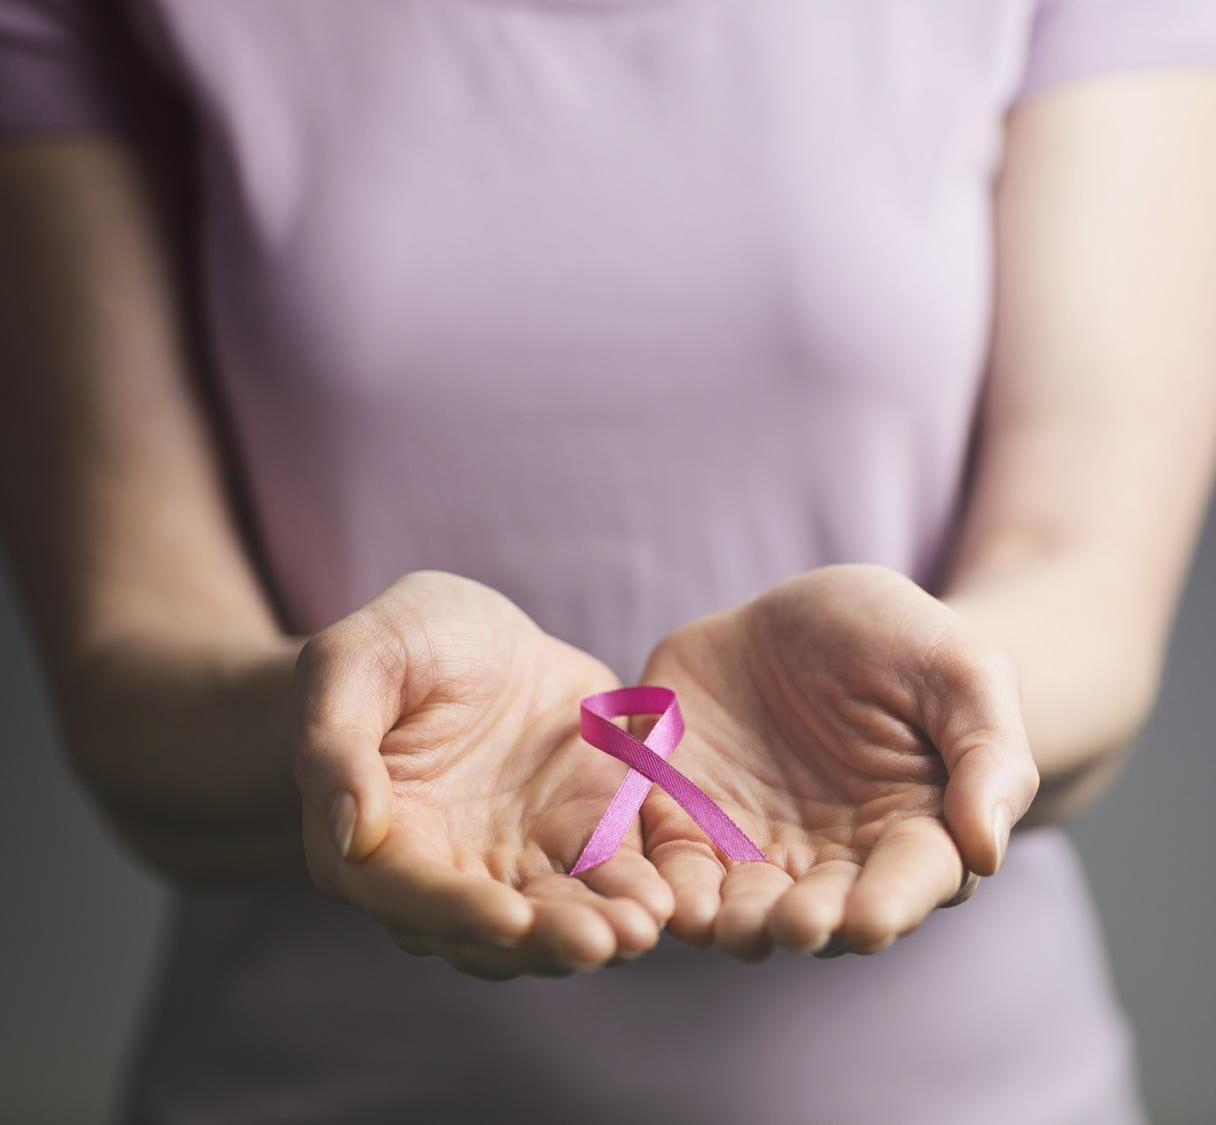 《5月ヘルスケアアカデミー》「乳がんと運動:ホルモン療法の副作用ケア講座」5月26日(土)13:00~16:00